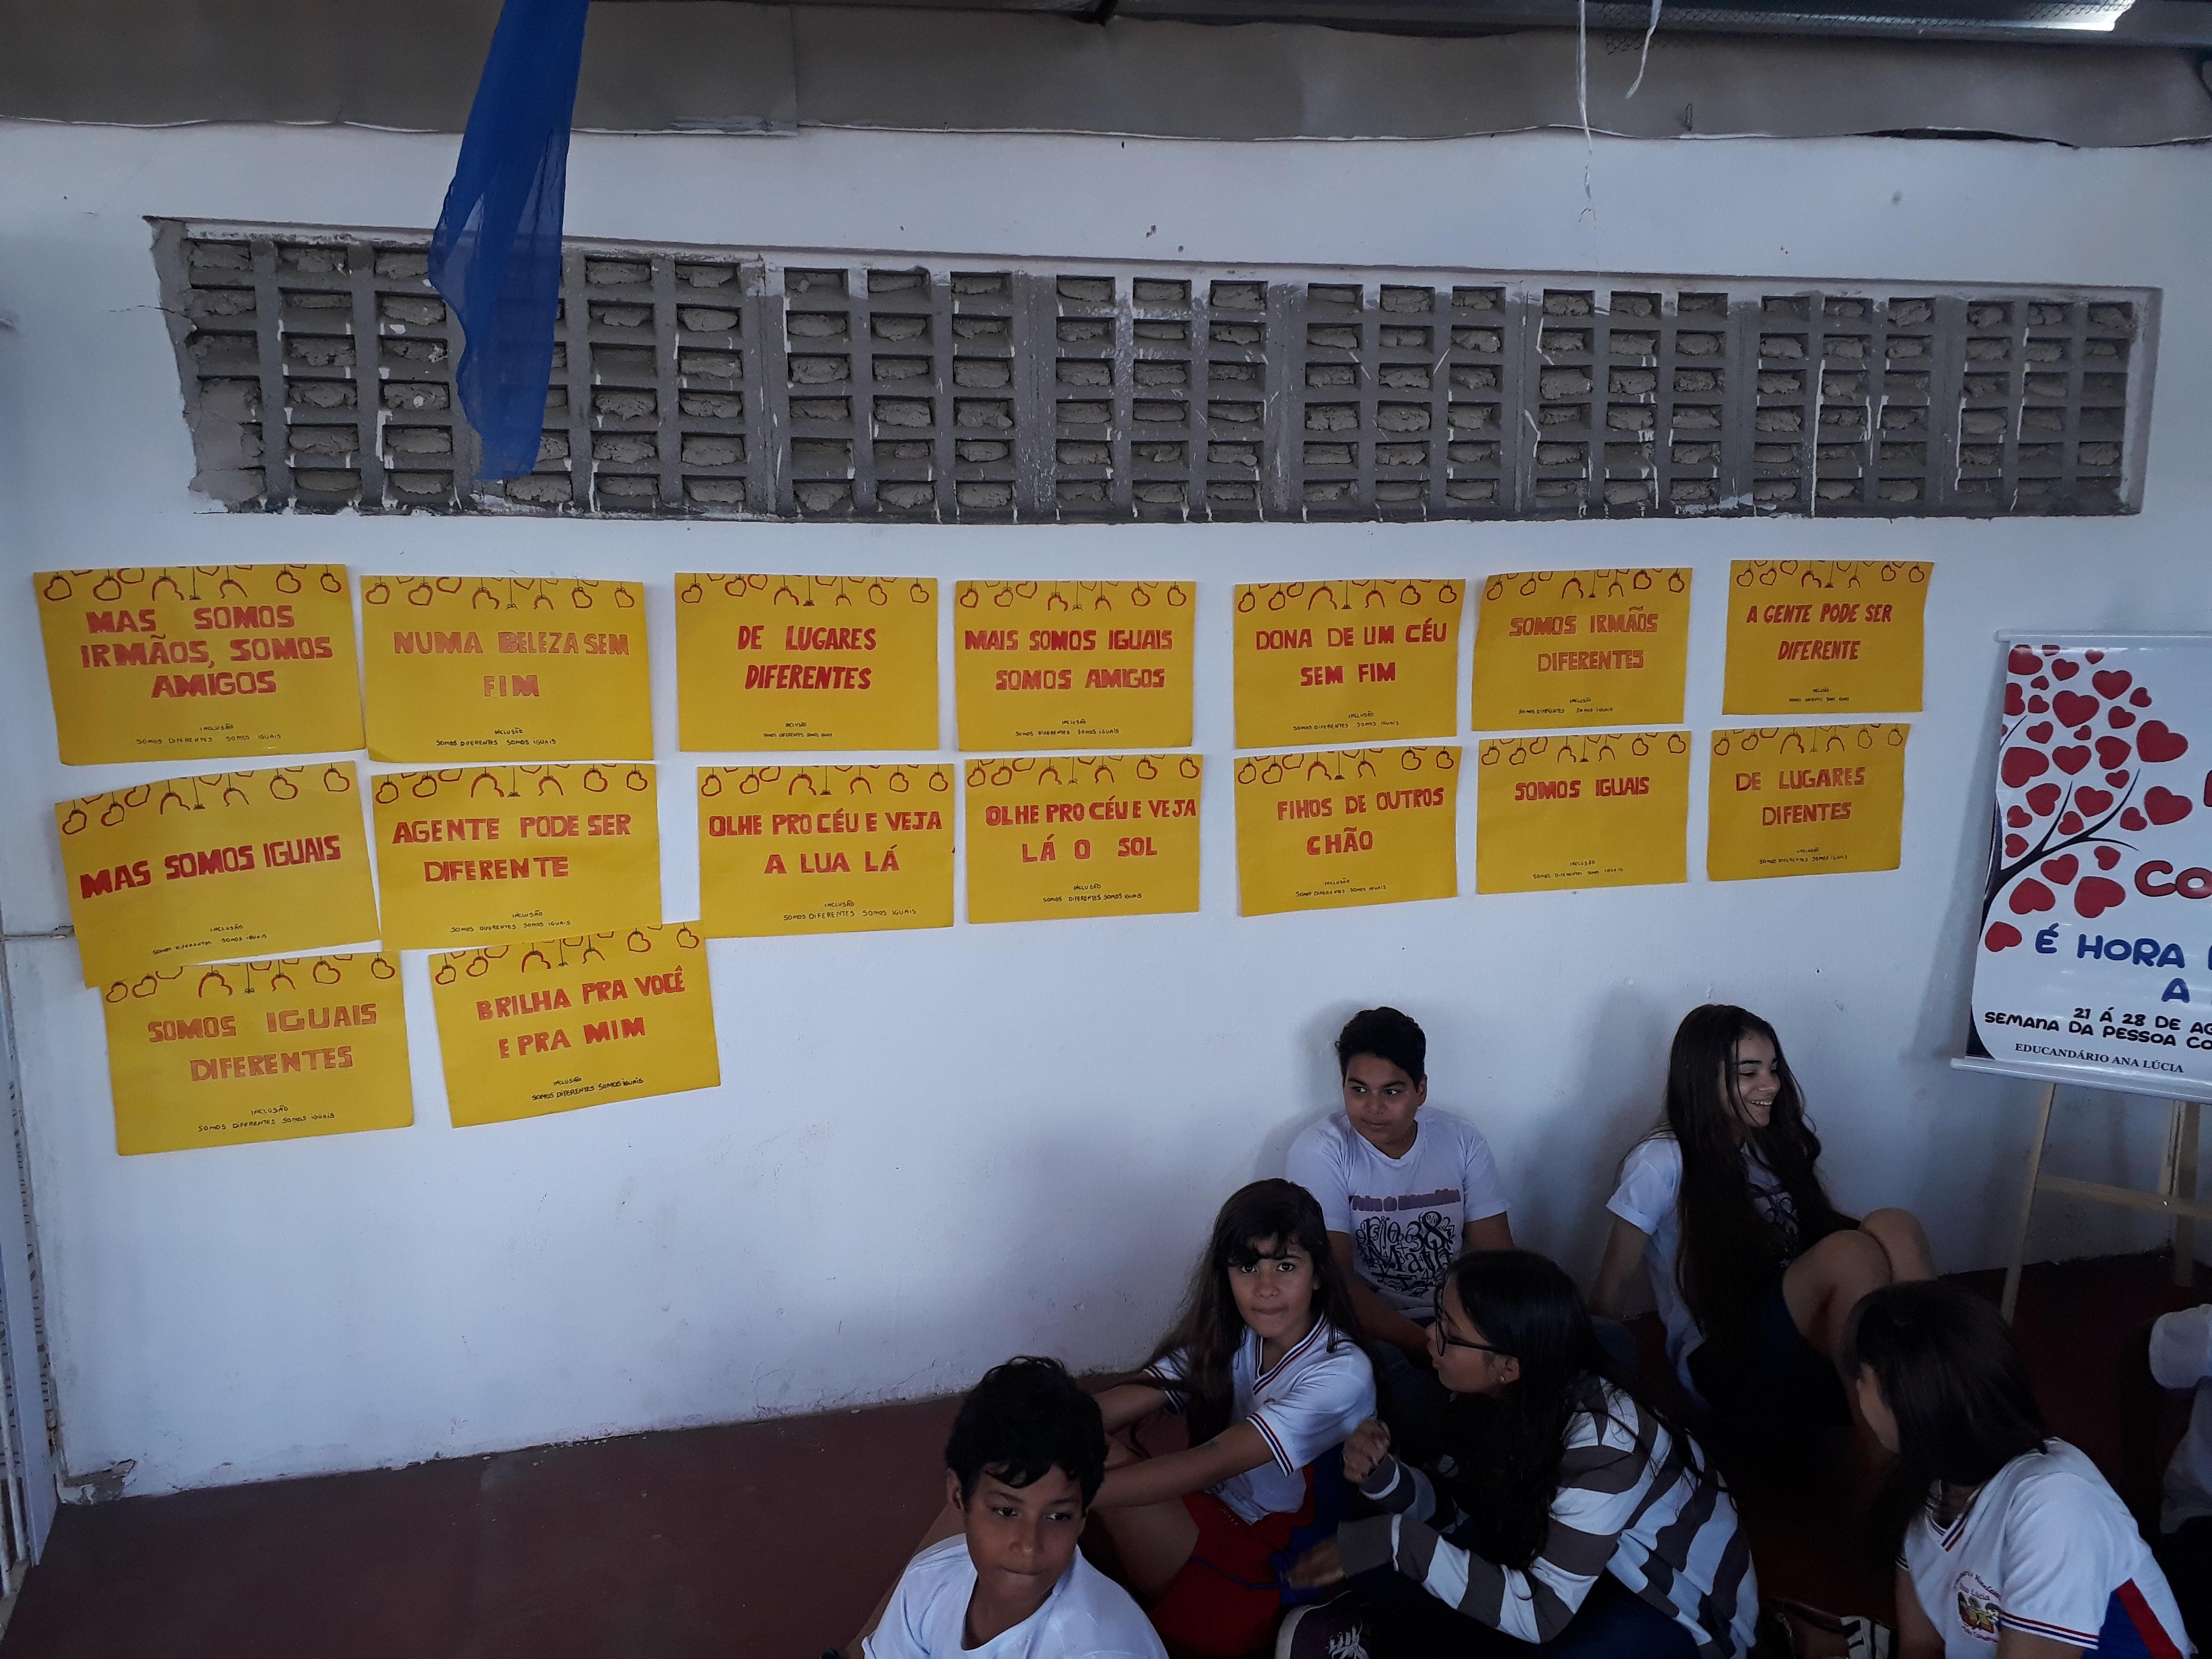 Somos Iguais - Semana da Pessoa com Defi